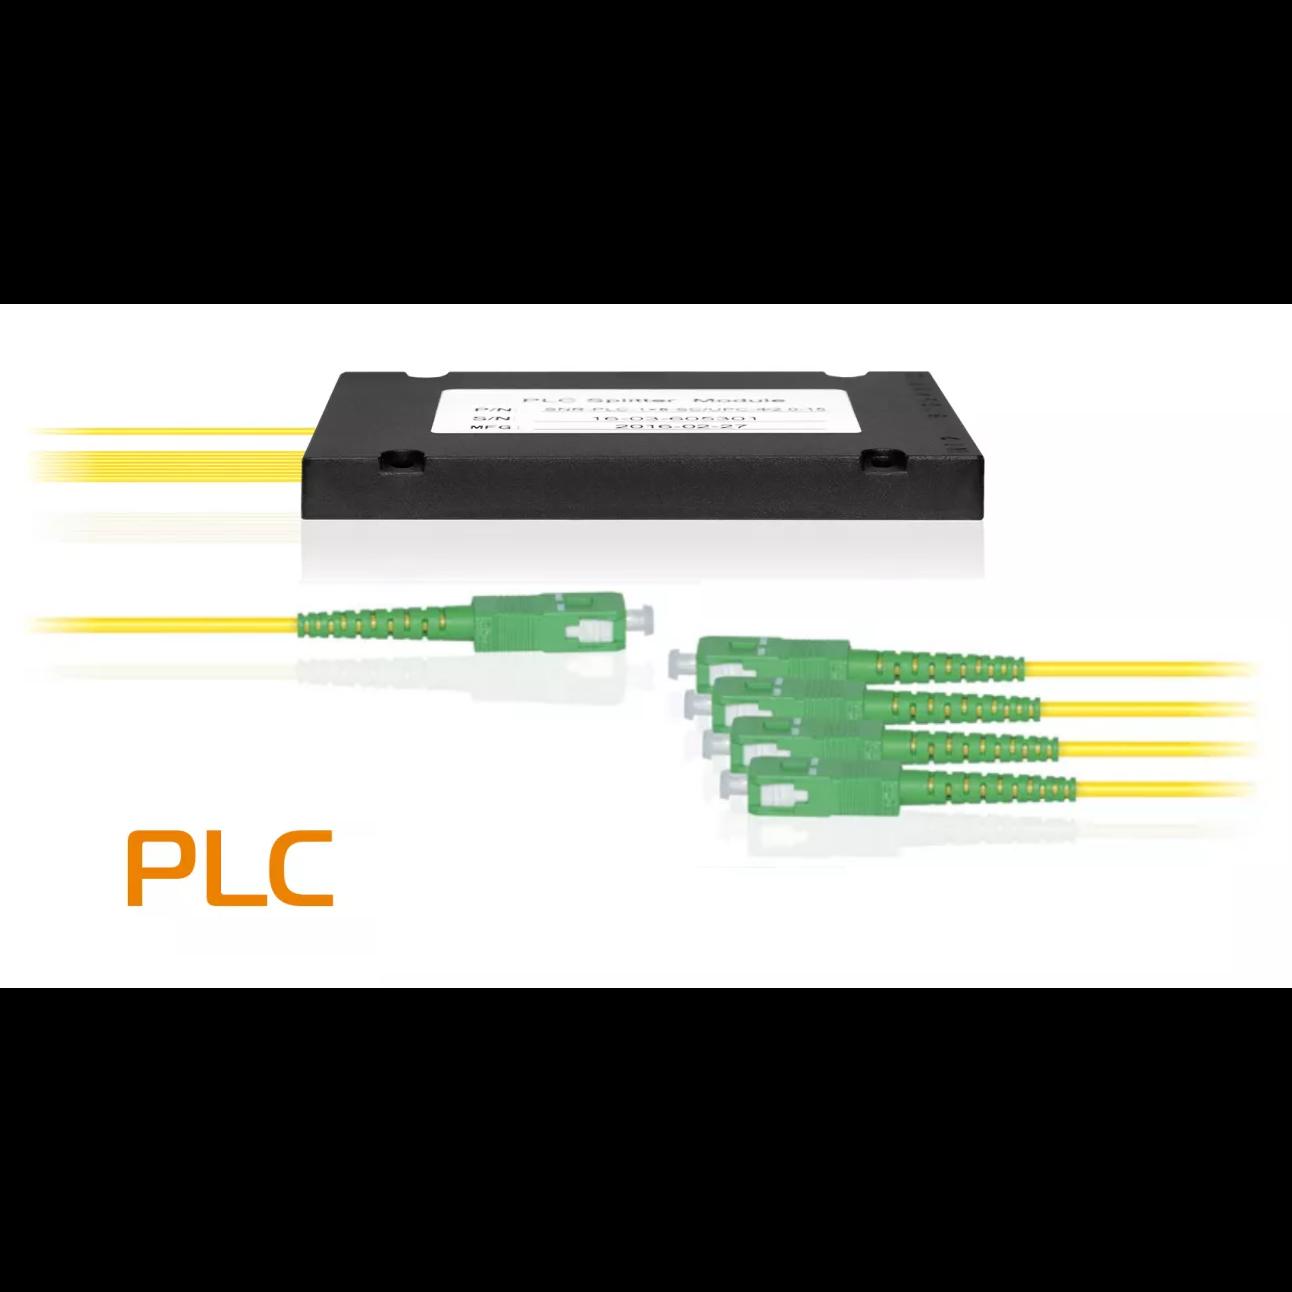 Делитель оптический планарный SNR-PLC-1x4, корпус, разъемы SC/APC